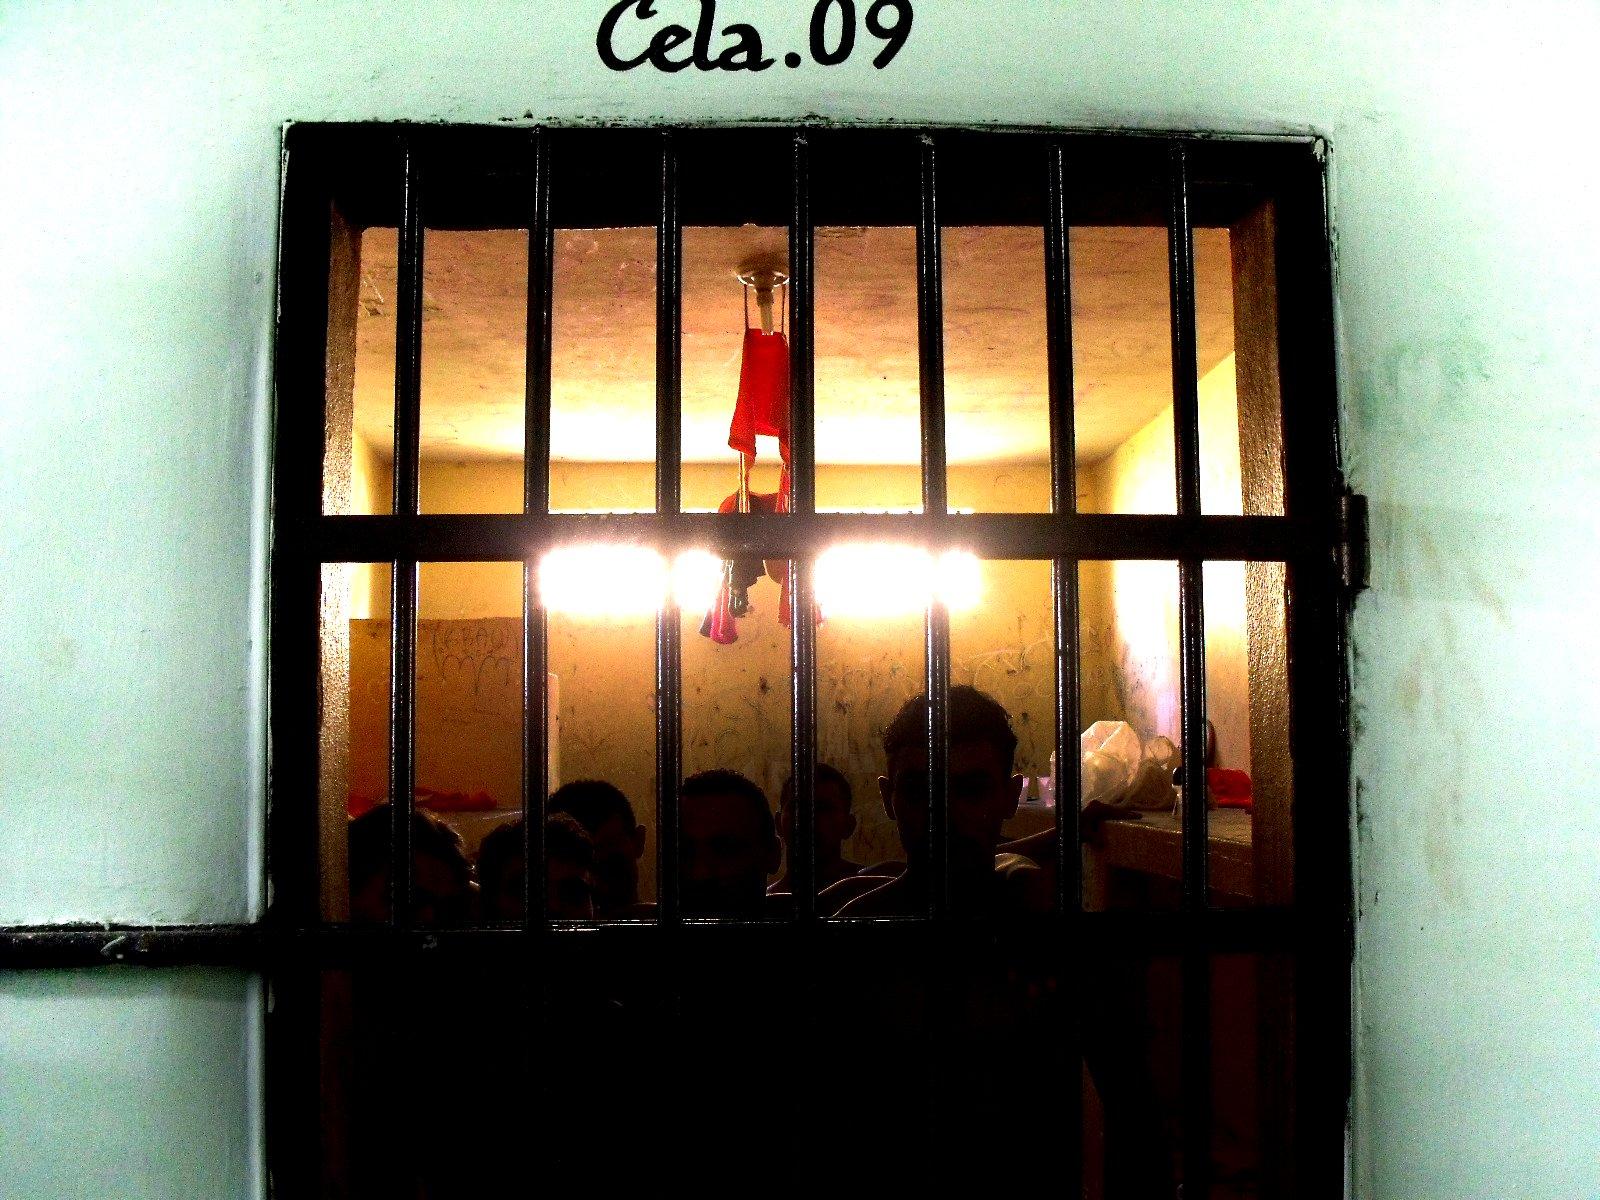 Cárcere do Complexo Penitenciário de Pedrinhas, onde houve mais de 15 mortes e mais de 100 fugas em 2014